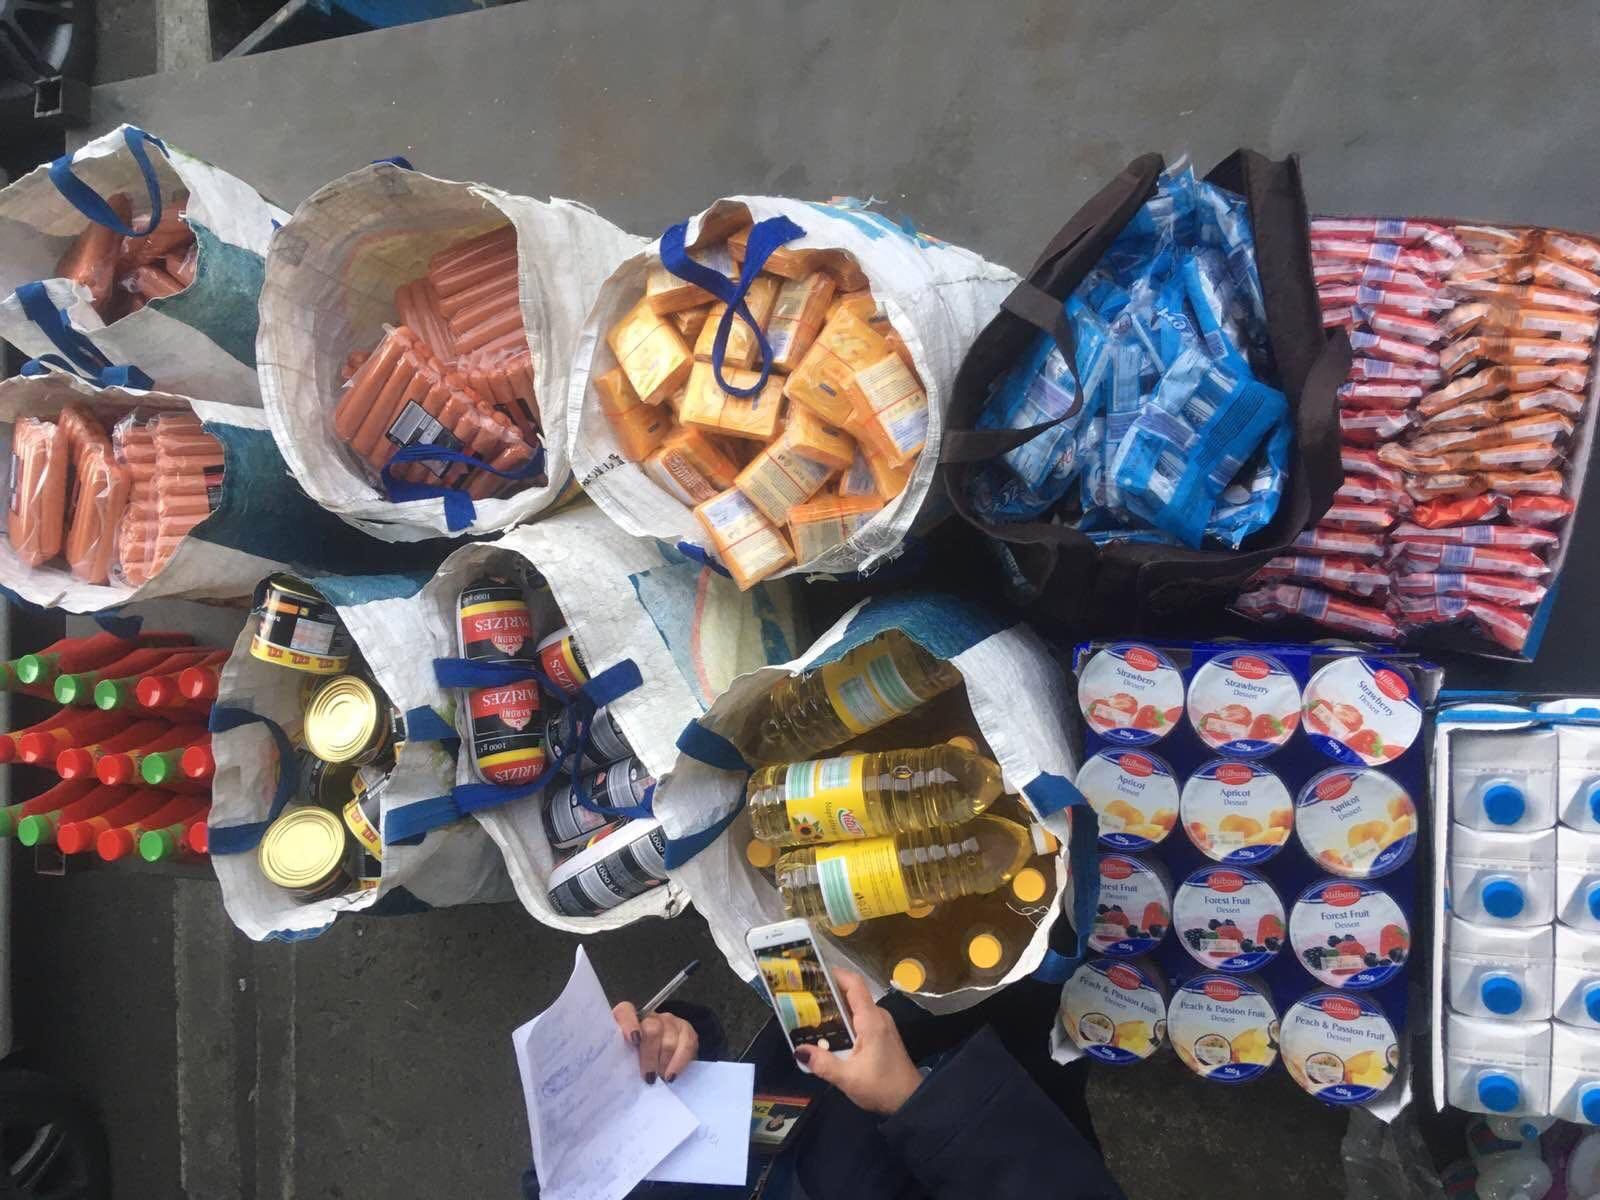 На кордоні митники вилучили у закарпатця понад 208 кг харчових продуктів